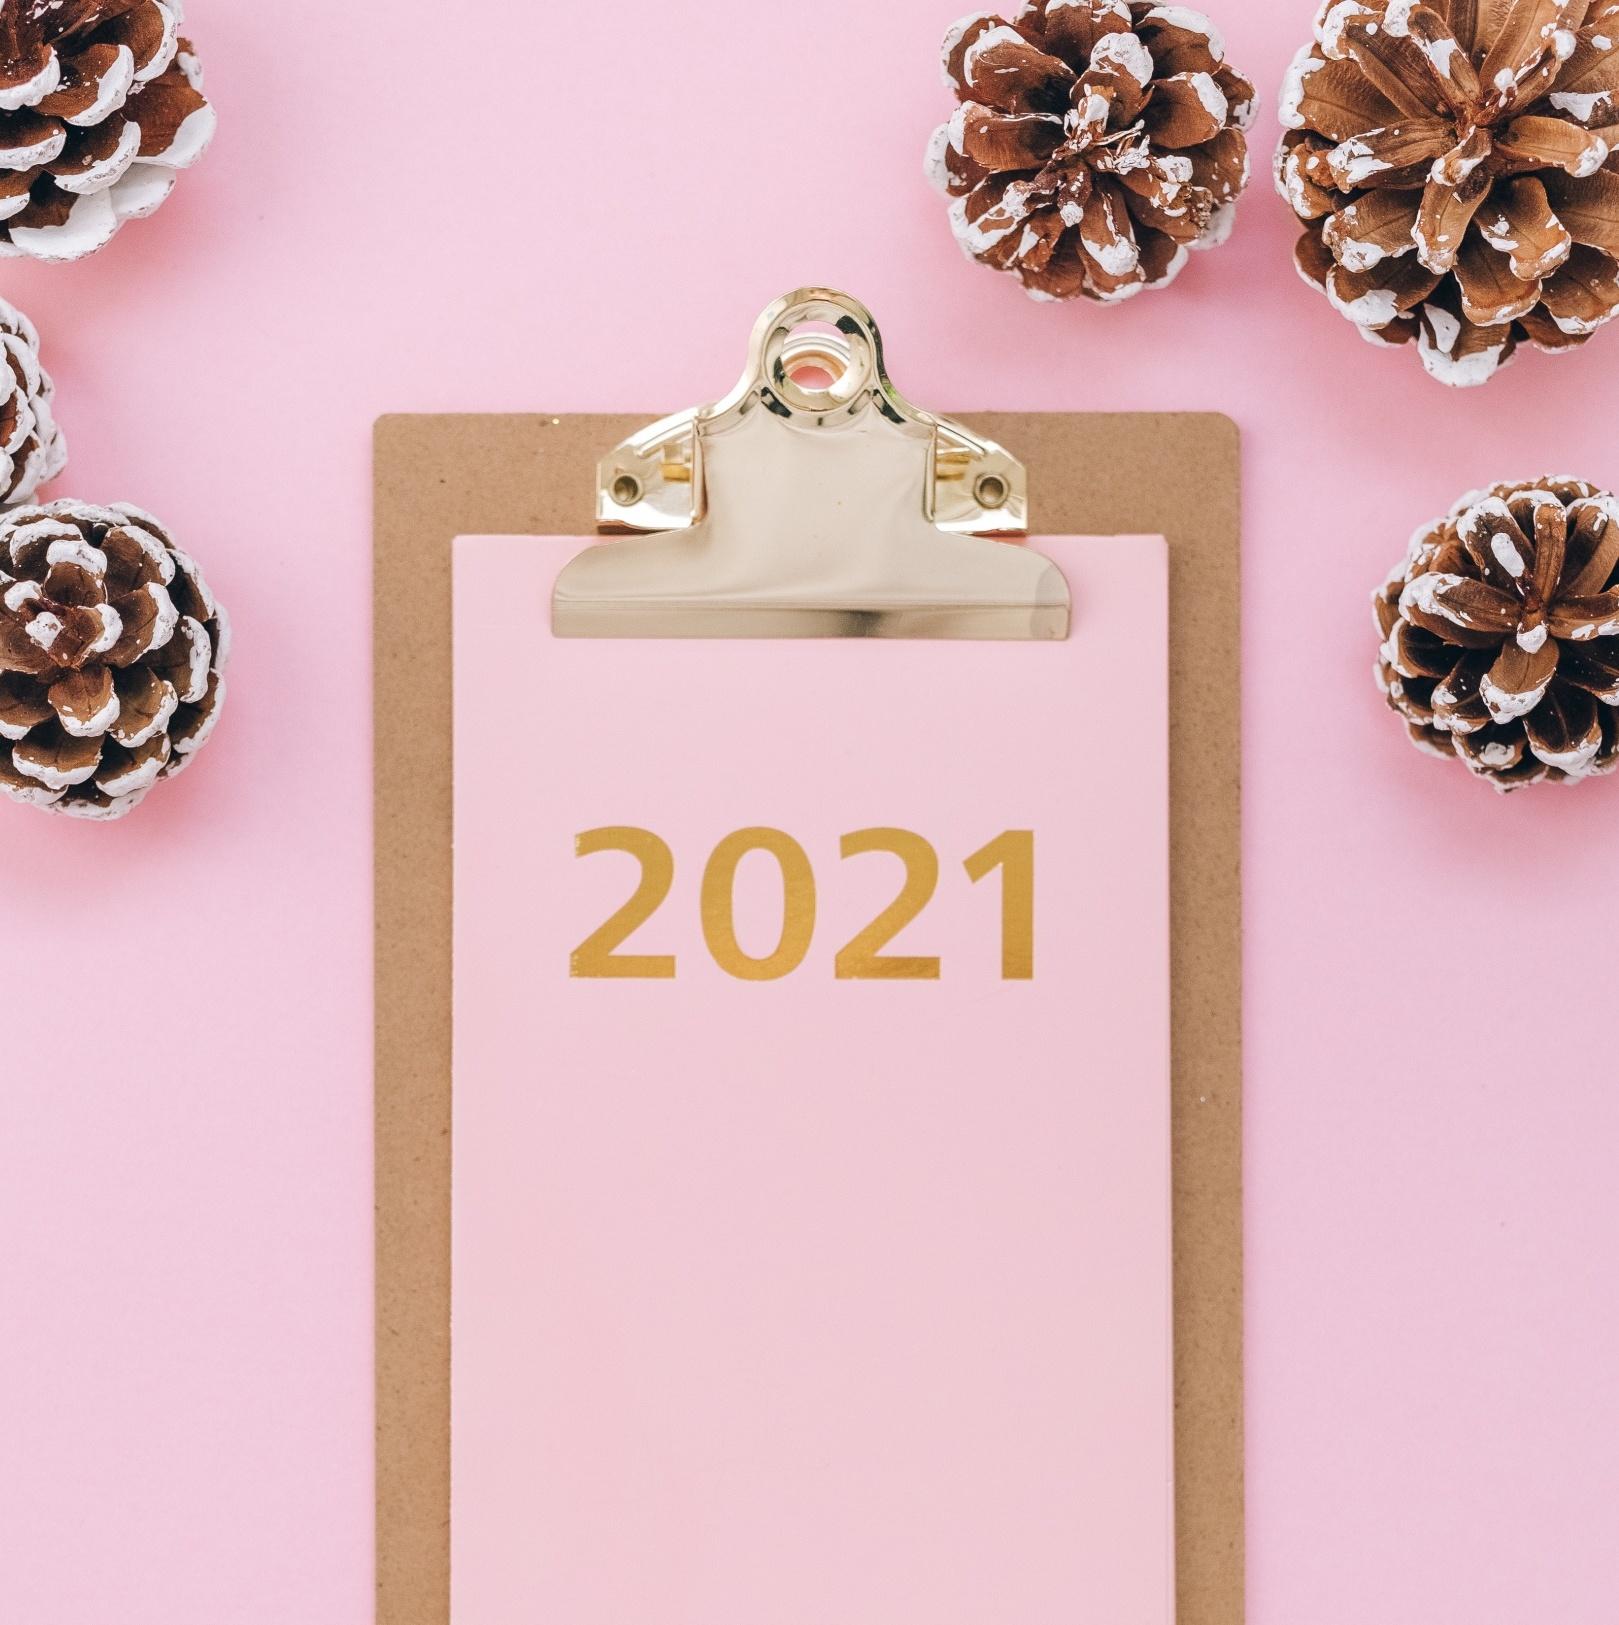 Cheers to 2021! My Focus + 12 Quantitative Goals